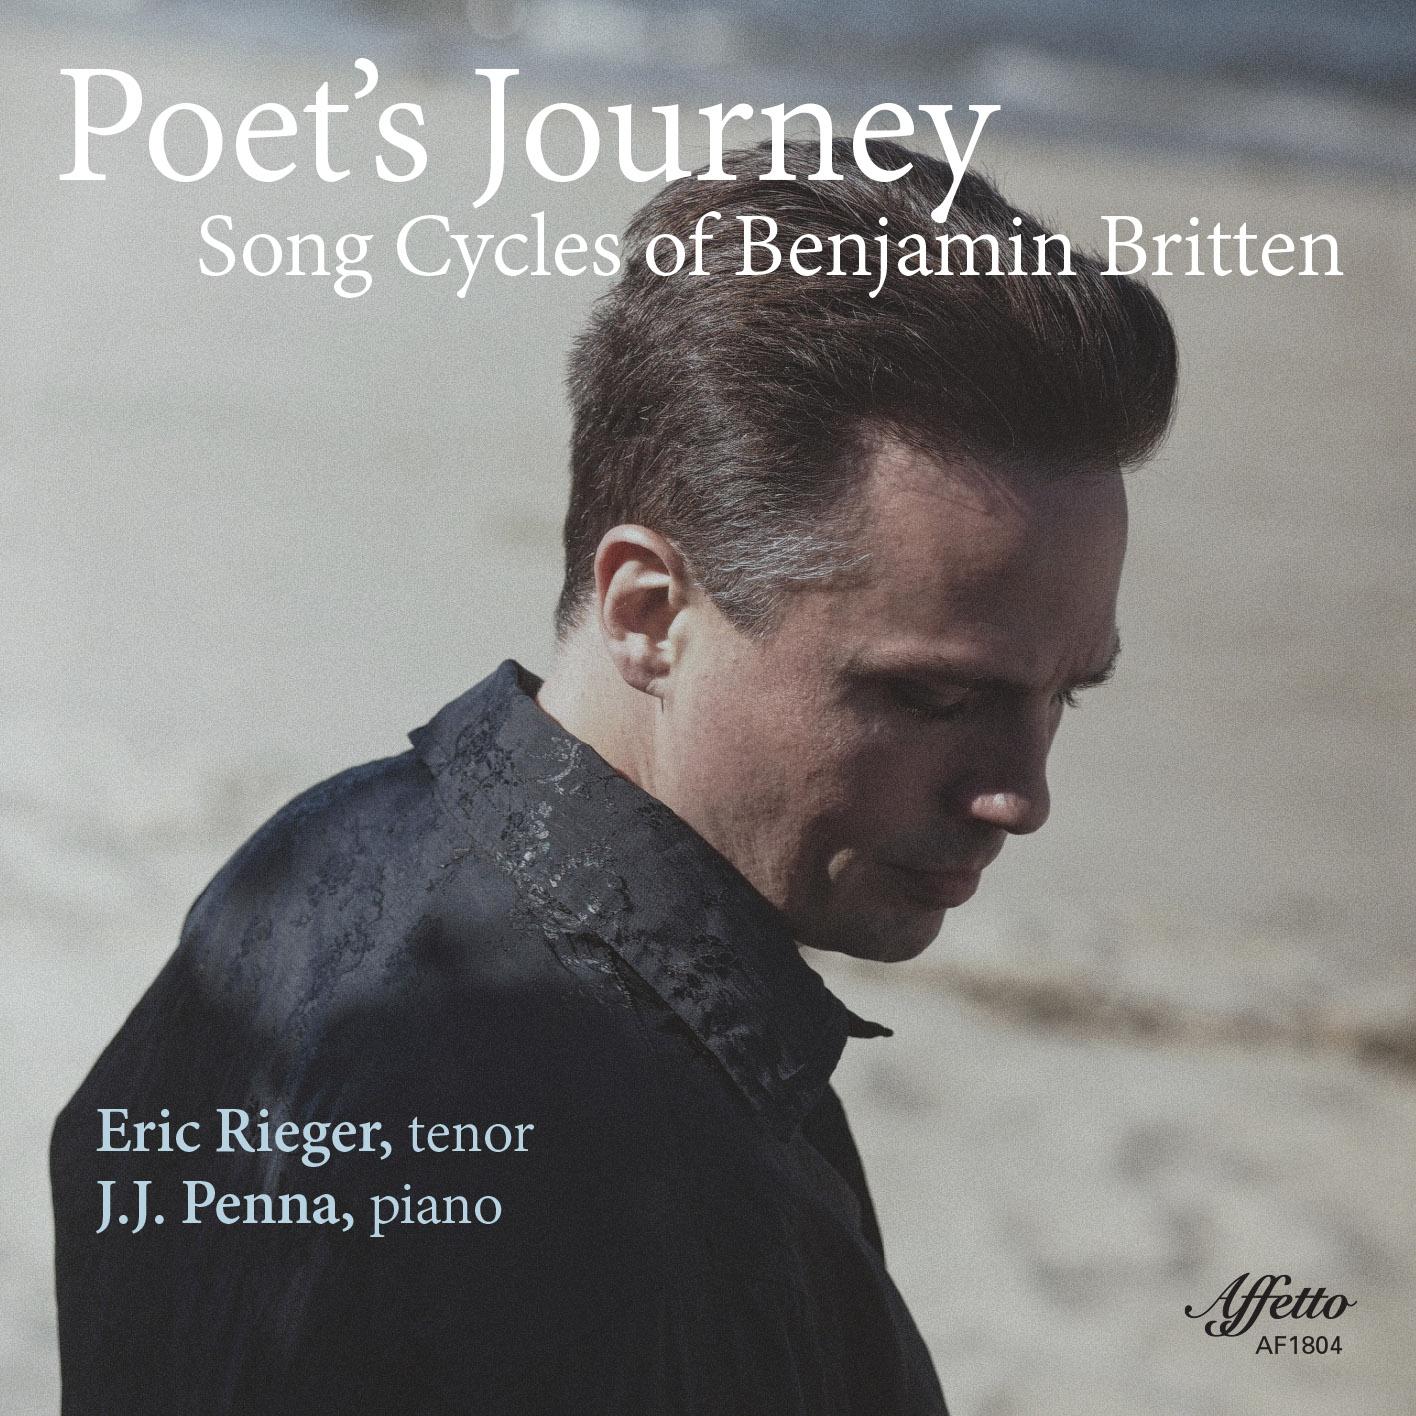 Eric Rieger, Tenor / J.J. Penna, Piano – Poet's Journey – Song Cycles of Benjamin Britten